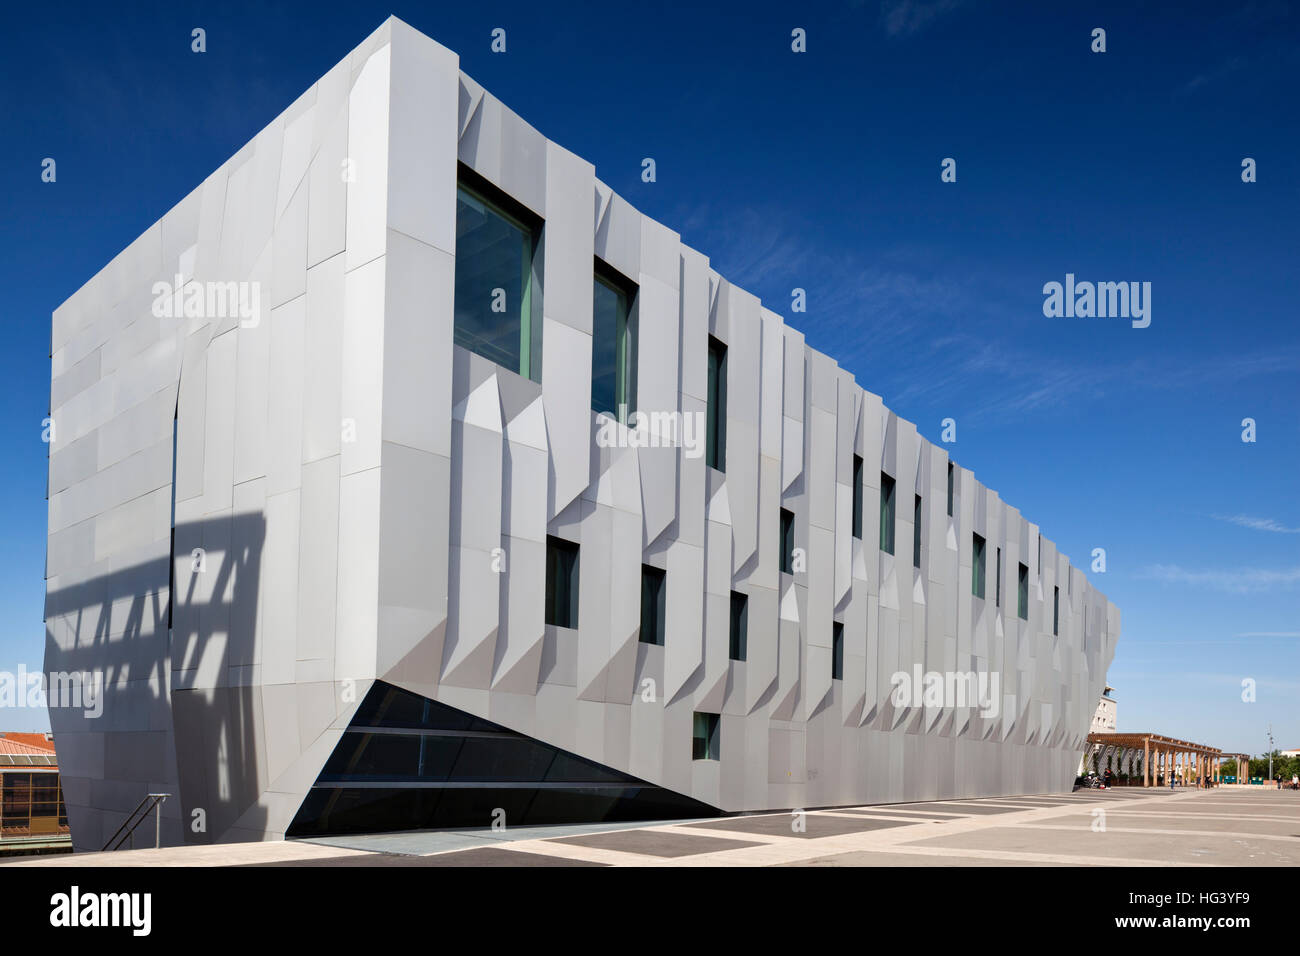 Vista complessiva del Darius Milhaud Conservatorio di musica, danza e arte drammatica in Aix-en-Provence, Francia. Immagini Stock